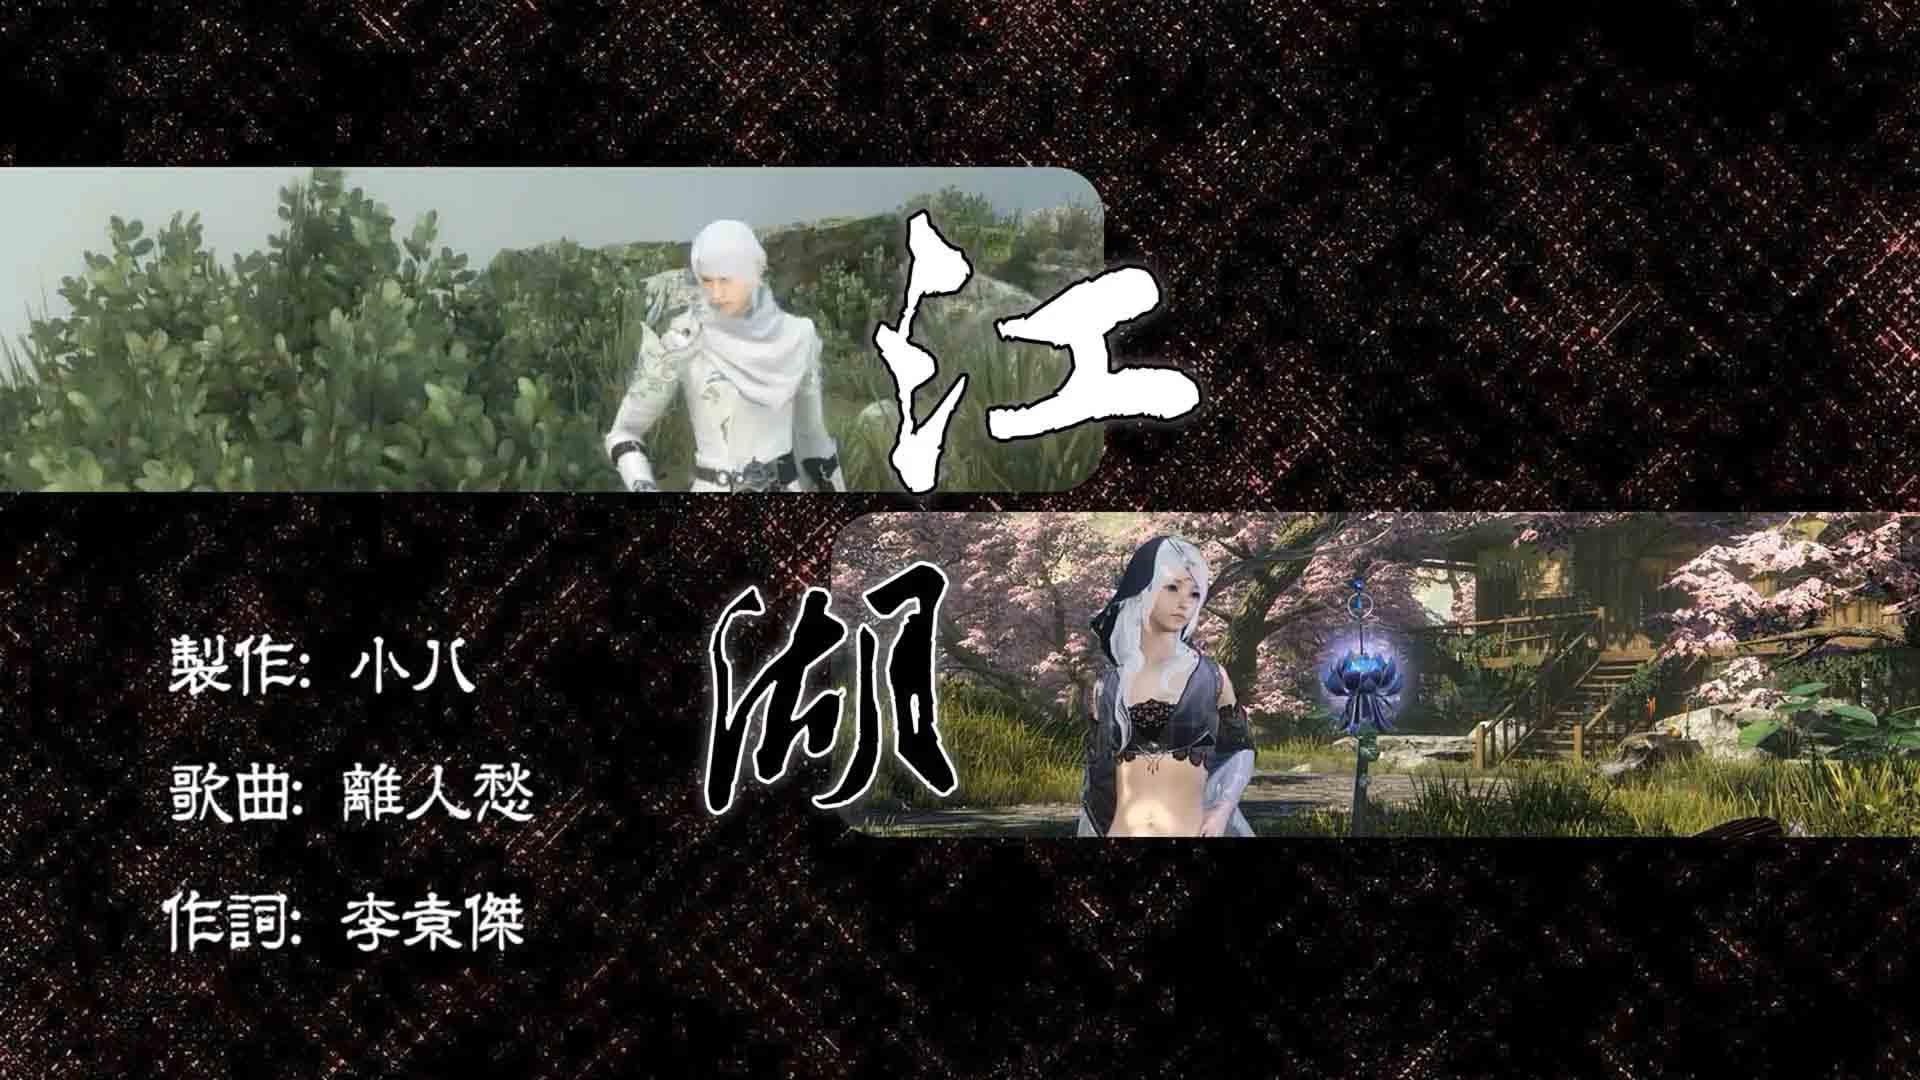 逆水寒 高清MV(江湖)小八解说 逆水寒OL